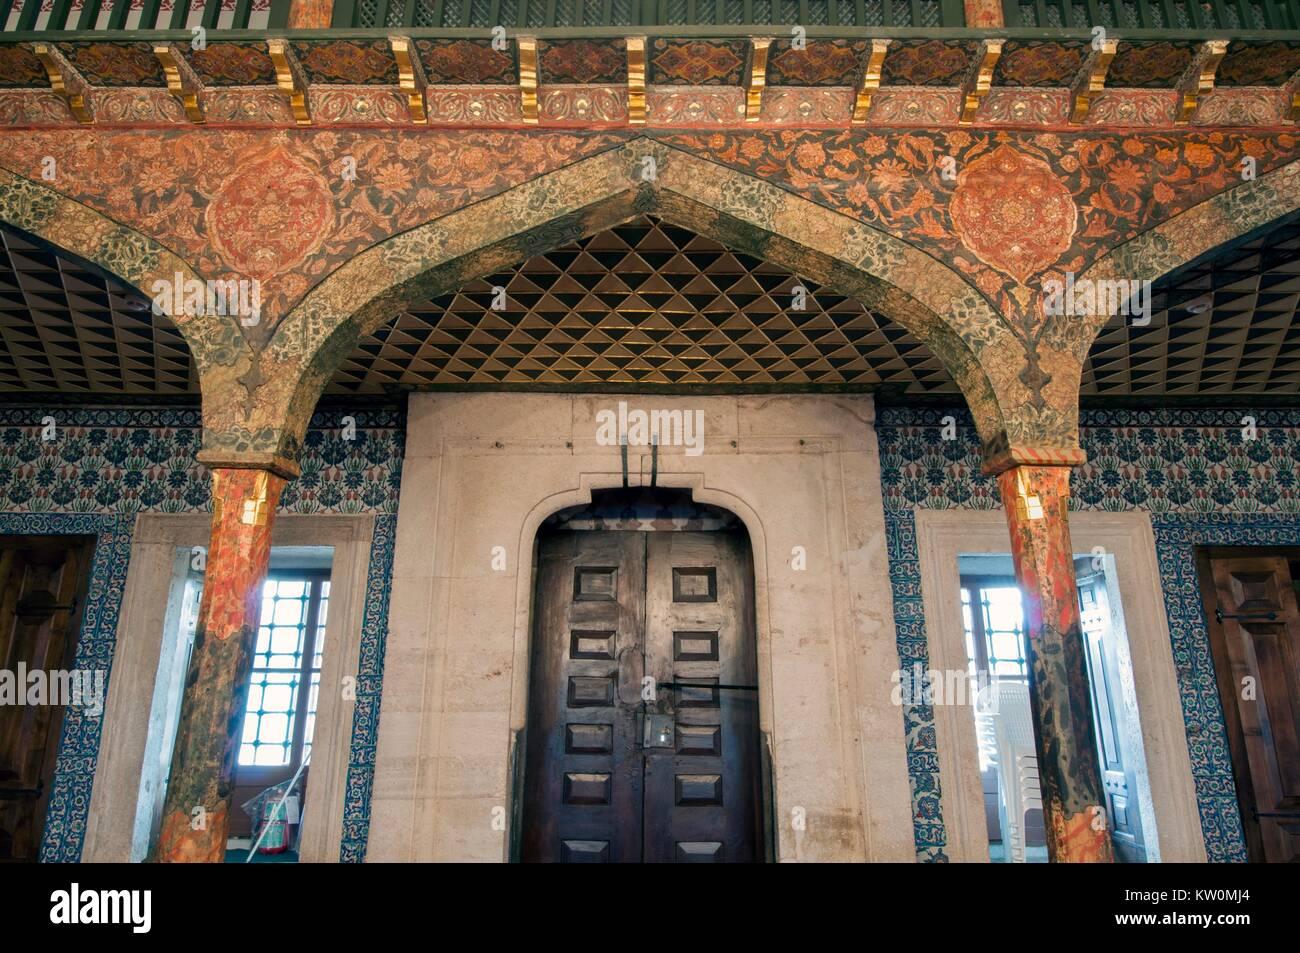 JANUARY 31,2010.STANBUL.The Takkeci Ibrahim Cavus Mosque,Topkapi. - Stock Image